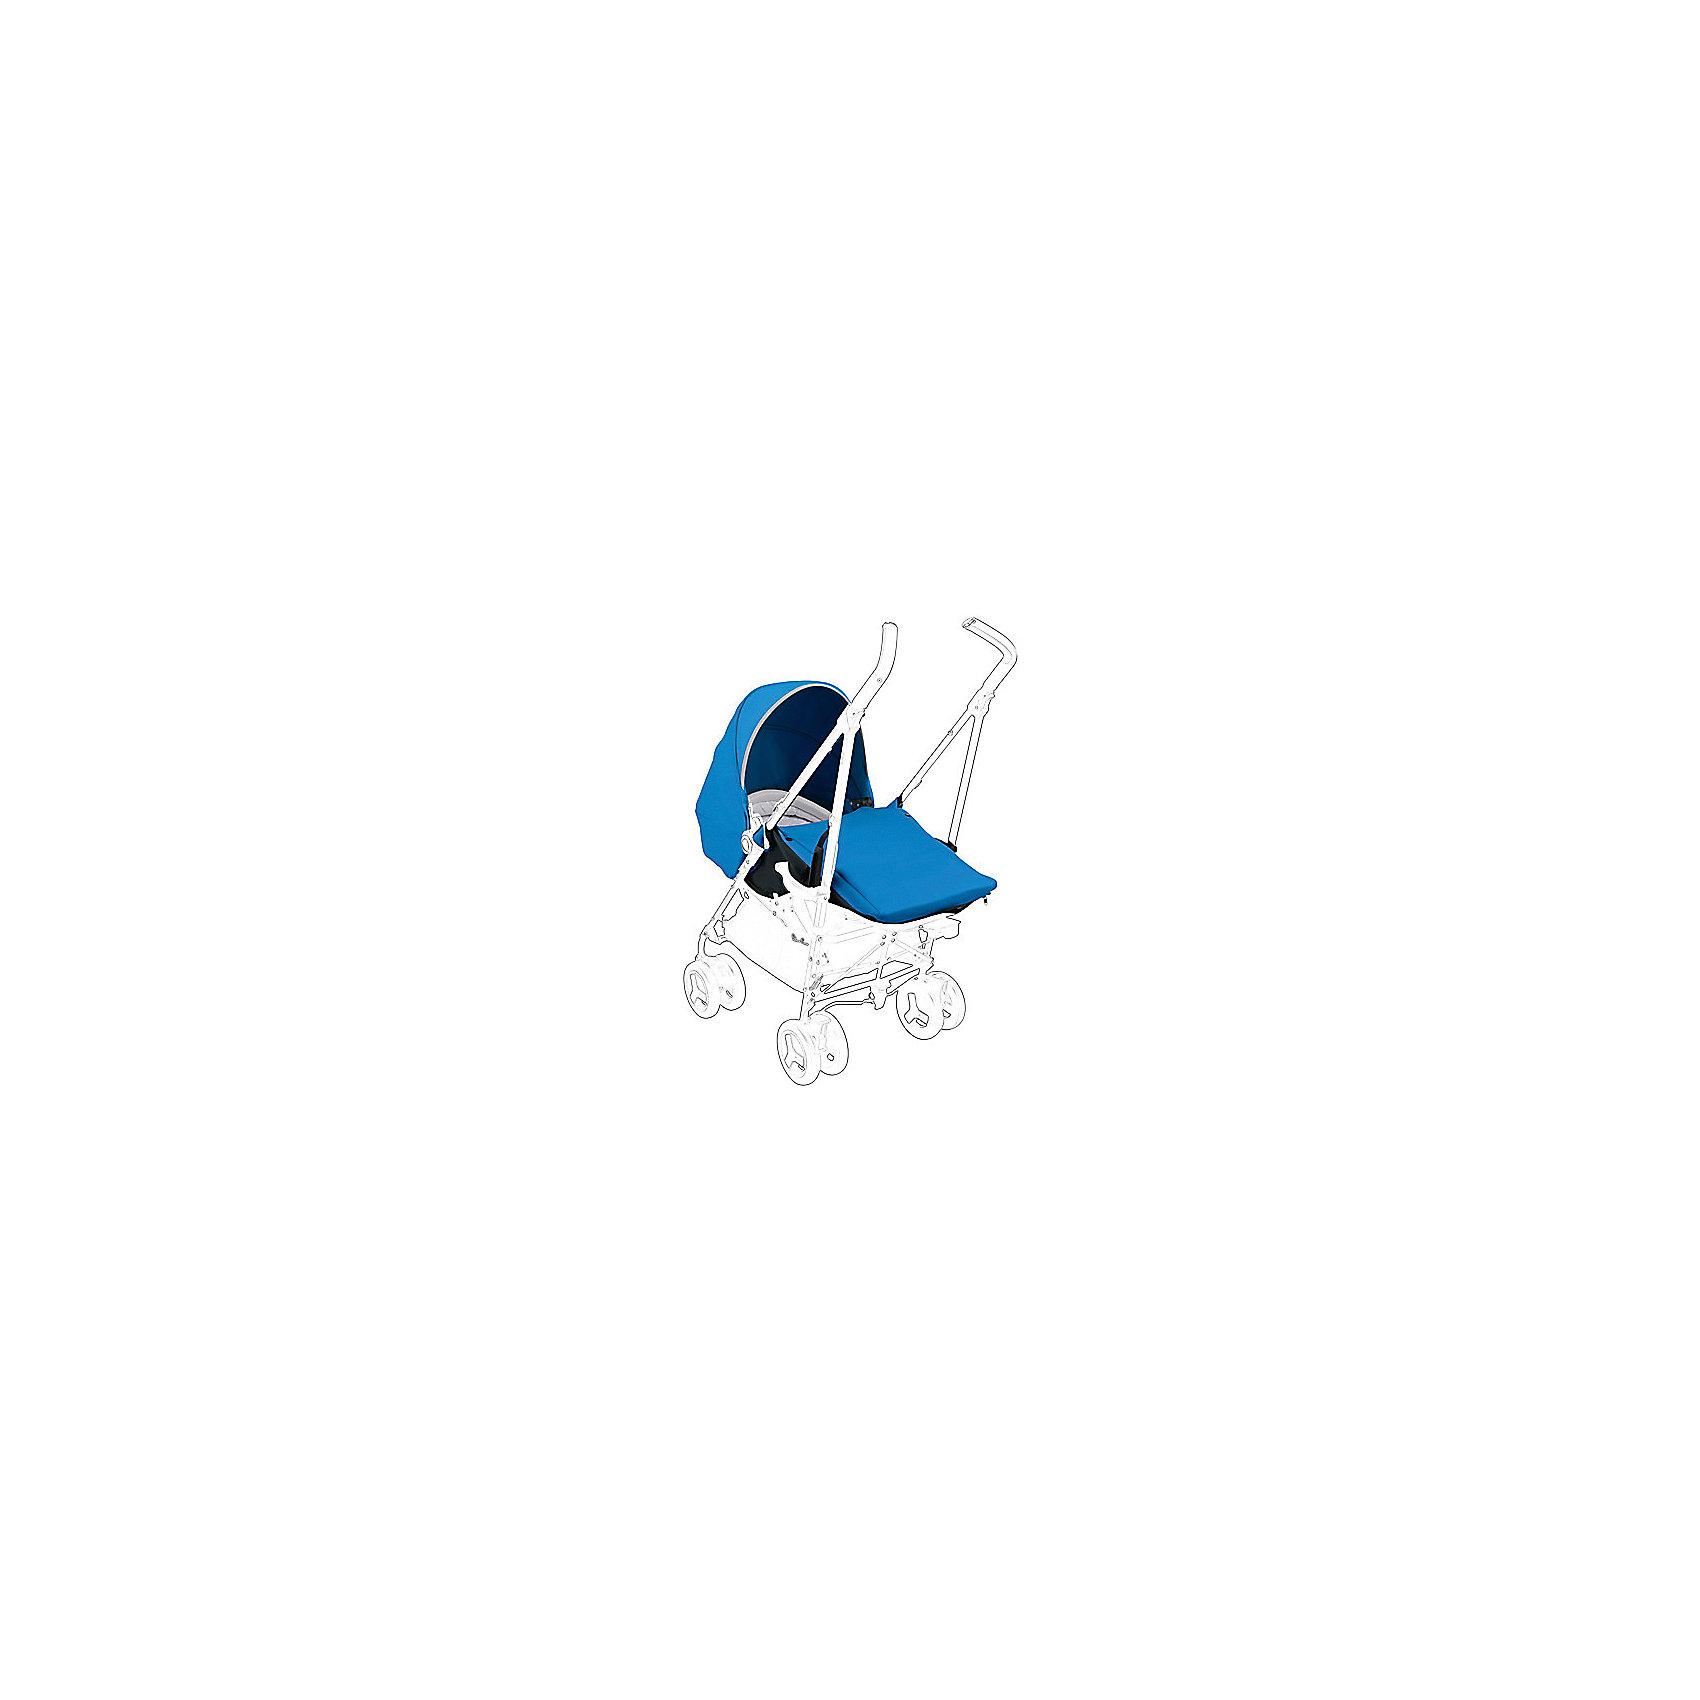 Доп. комплект для коляски Reflex, Silver Cross, голубойАксессуары для колясок<br>В первые годы жизни дети проводят в коляске достаточно много времени.Обеспечить ребенку удобство в коляске - ответсвенная задача для родителей. Для владельцев колясок модели Reflex от бренда Silver Cross есть возможность значительно повысить комфорт малыша, установив на коляску такой специальный комплект:  вкладыш, чехол для ног и в цвет им - капюшон.<br>Капюшон обеспечит ребенку защиту не только от осадков - материал капюшона пропускает минимальное количество ультрафиолетовых лучей, которые могут быть опасны для малыша. Капюшон прочный, стильно выглядит. Сделан комплект из качественных материалов, безопасных для ребенка.<br><br>Дополнительная информация:<br><br>цвет: голубой;<br>материал: текстиль, металл;<br>легко устанавливается;<br>капюшон имеет возможность фиксации в нескольких положениях;<br>прочный корпус;<br>пятиточечные ремни безопасности;<br>надежные крепления к коляске;<br>легко чистится.<br><br>Доп. комплект для коляски Reflex от бренда Silver Cross можно купить в нашем магазине.<br><br>Ширина мм: 300<br>Глубина мм: 300<br>Высота мм: 110<br>Вес г: 12900<br>Возраст от месяцев: 0<br>Возраст до месяцев: 36<br>Пол: Унисекс<br>Возраст: Детский<br>SKU: 5011542